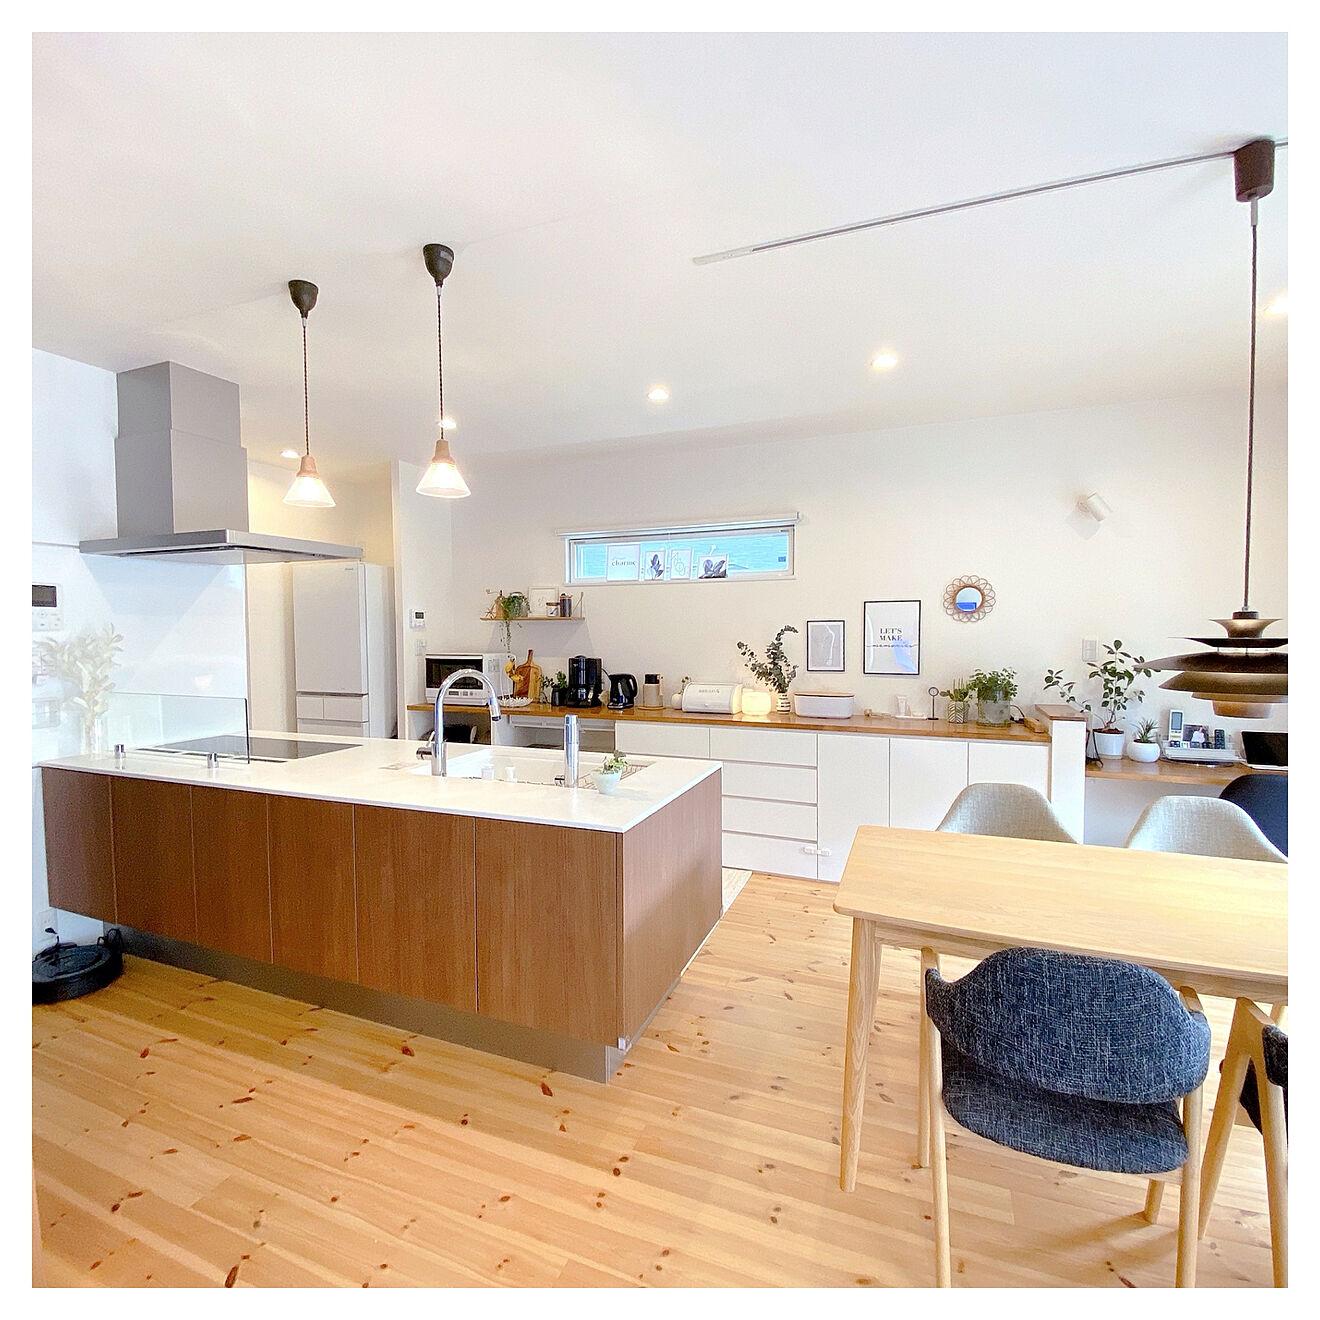 「住まいを見渡す特等席につくった、あたたかみのあるオープンキッチン」 by m__homeさん